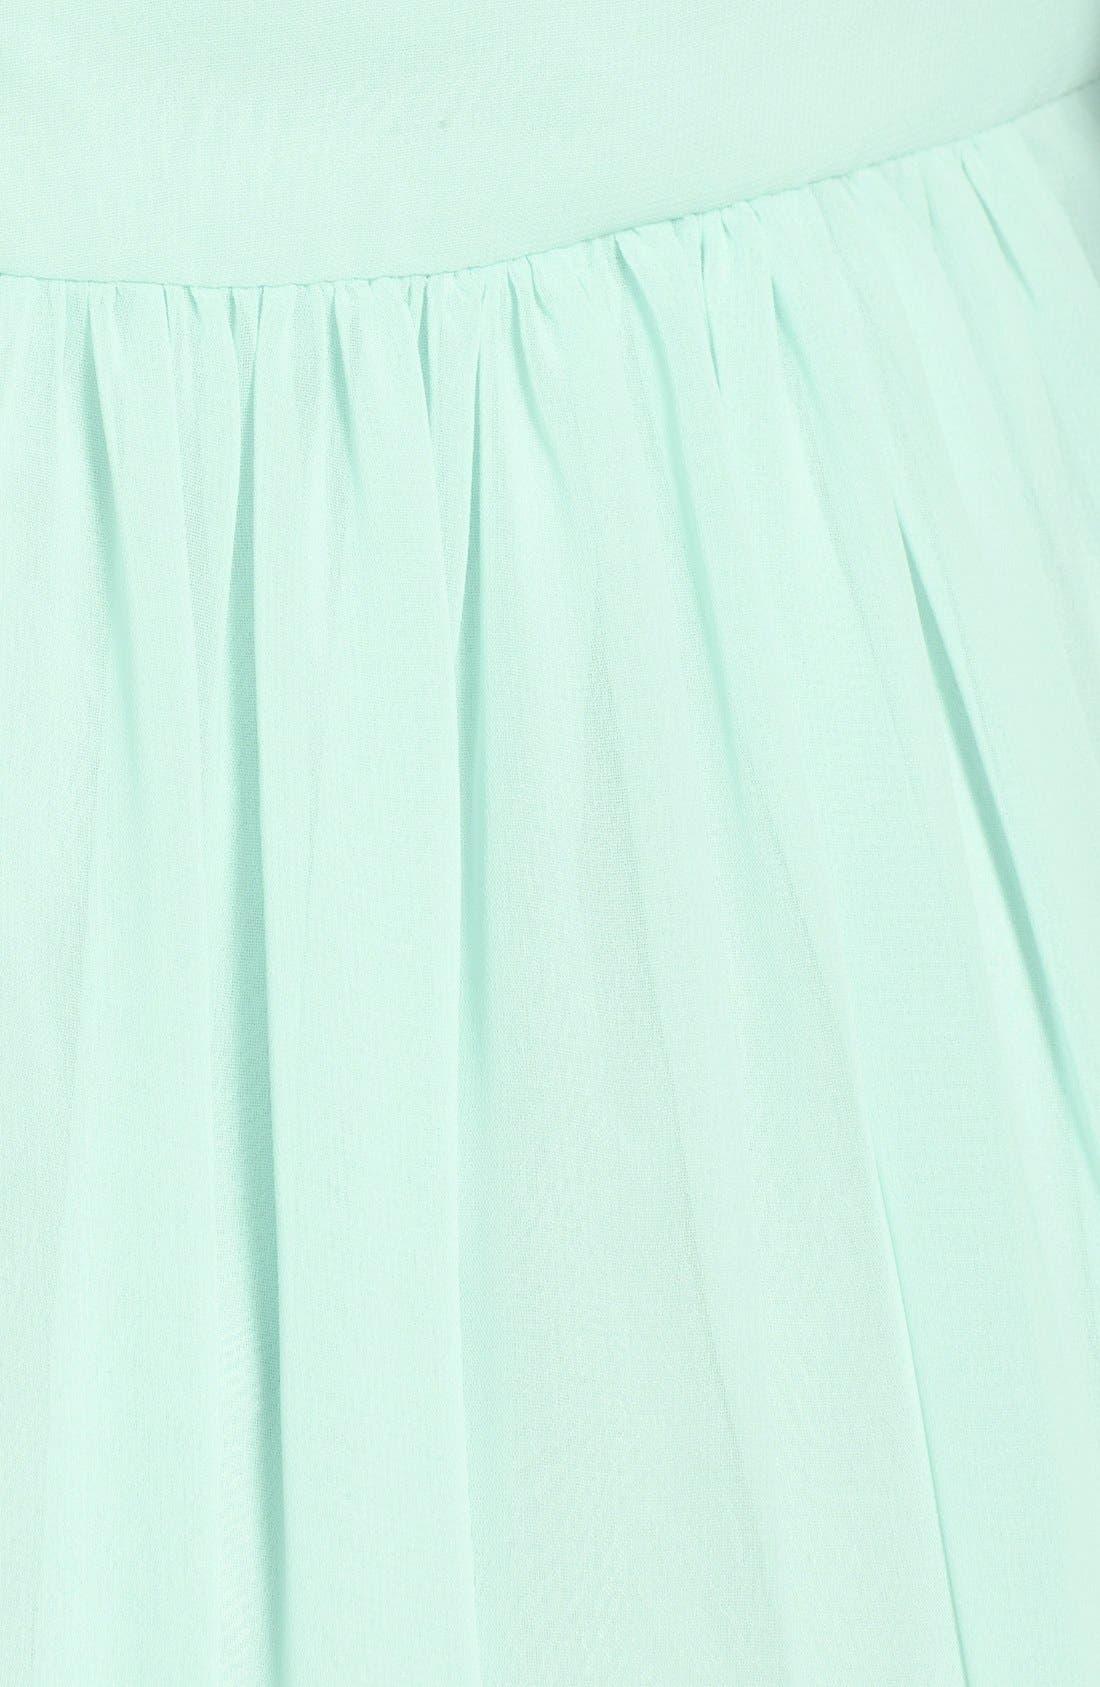 Alternate Image 3  - Monique Lhuillier Bridesmaids Crisscross Chiffon Gown (Nordstrom Exclusive)